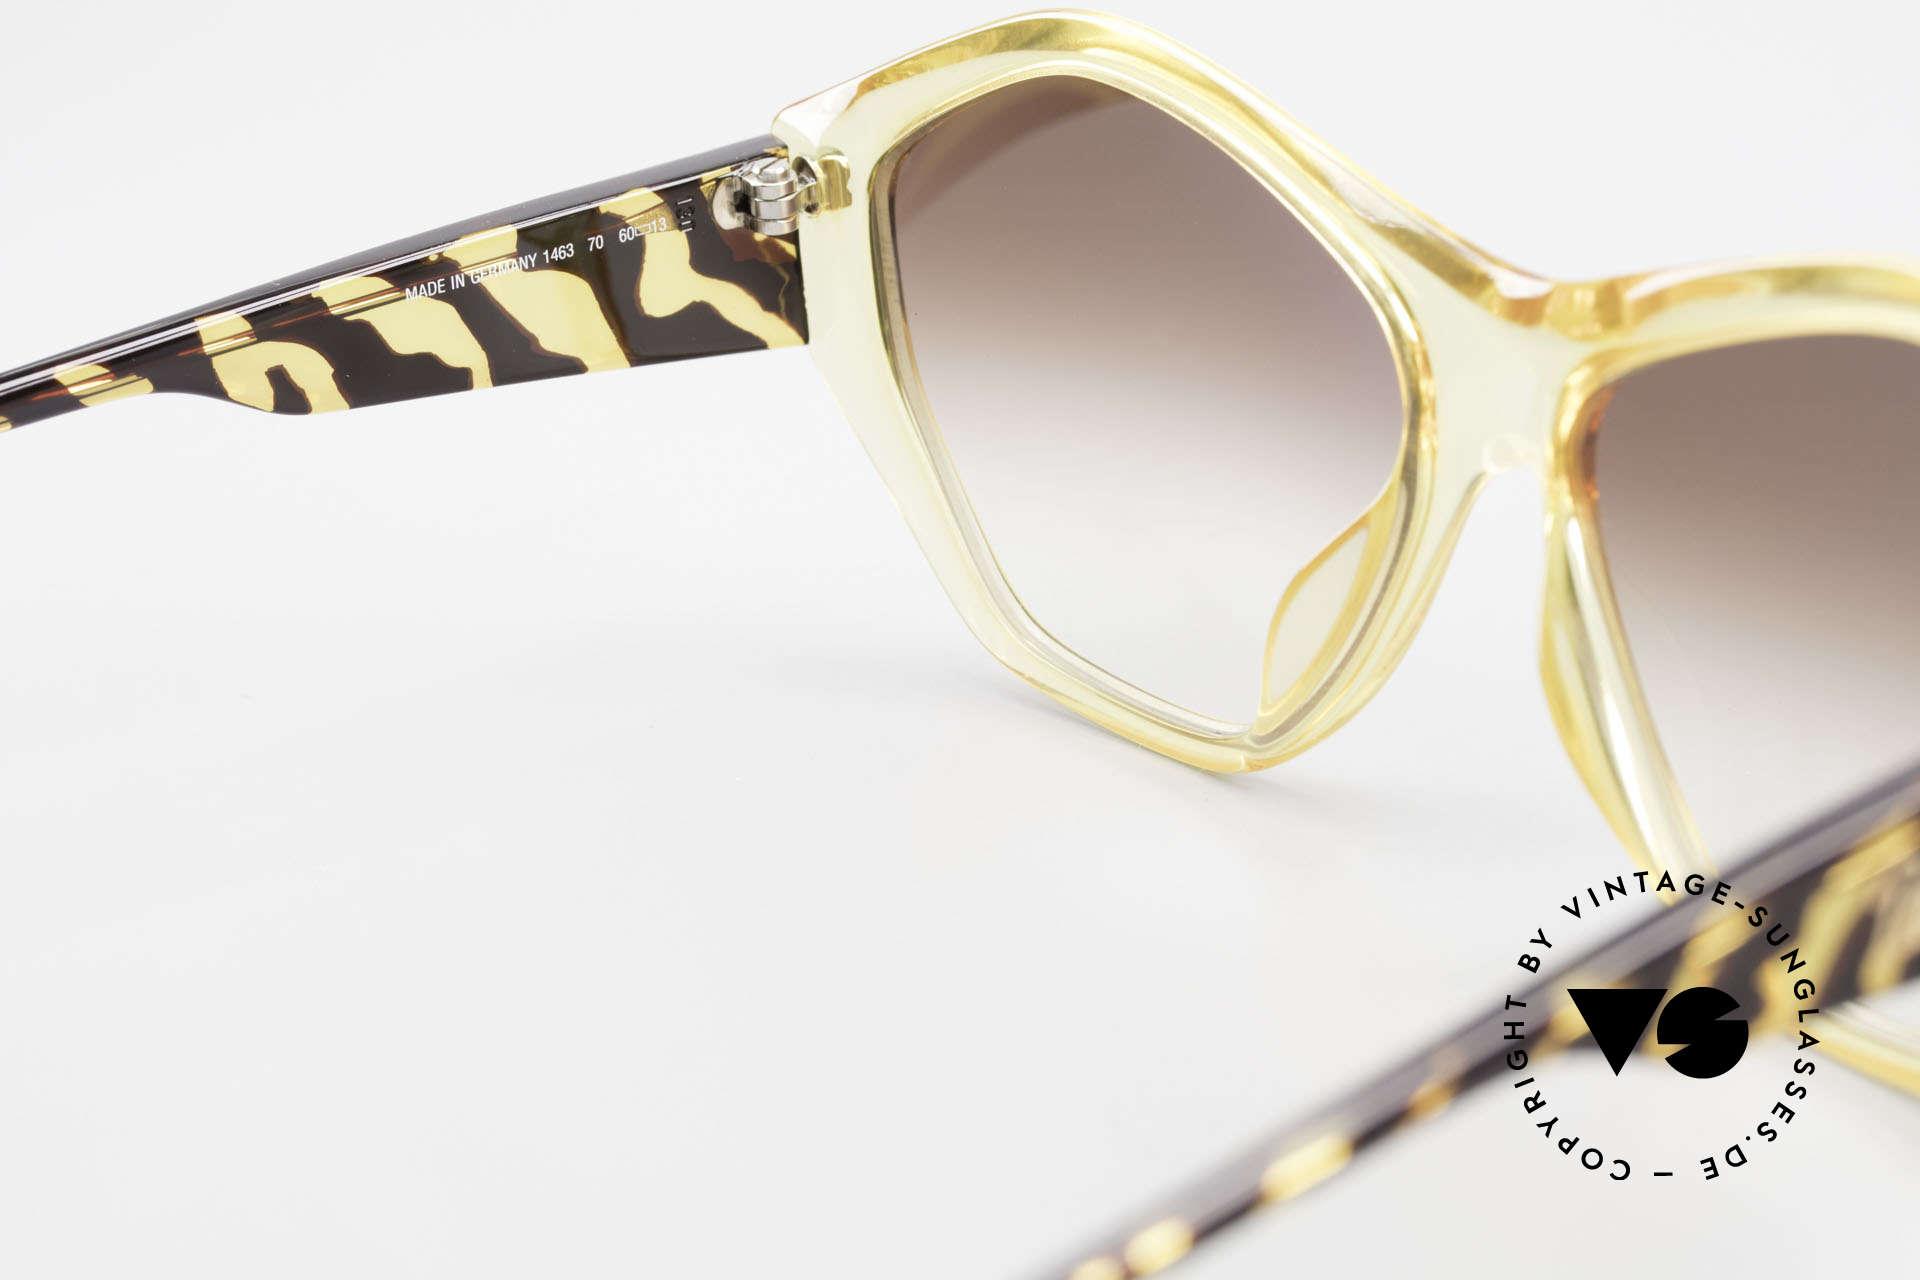 Paloma Picasso 1463 Optyl Sonnenbrille 90er Damen, ungetragen; wie alle unsere 90er vintage 'Schätze', Passend für Damen